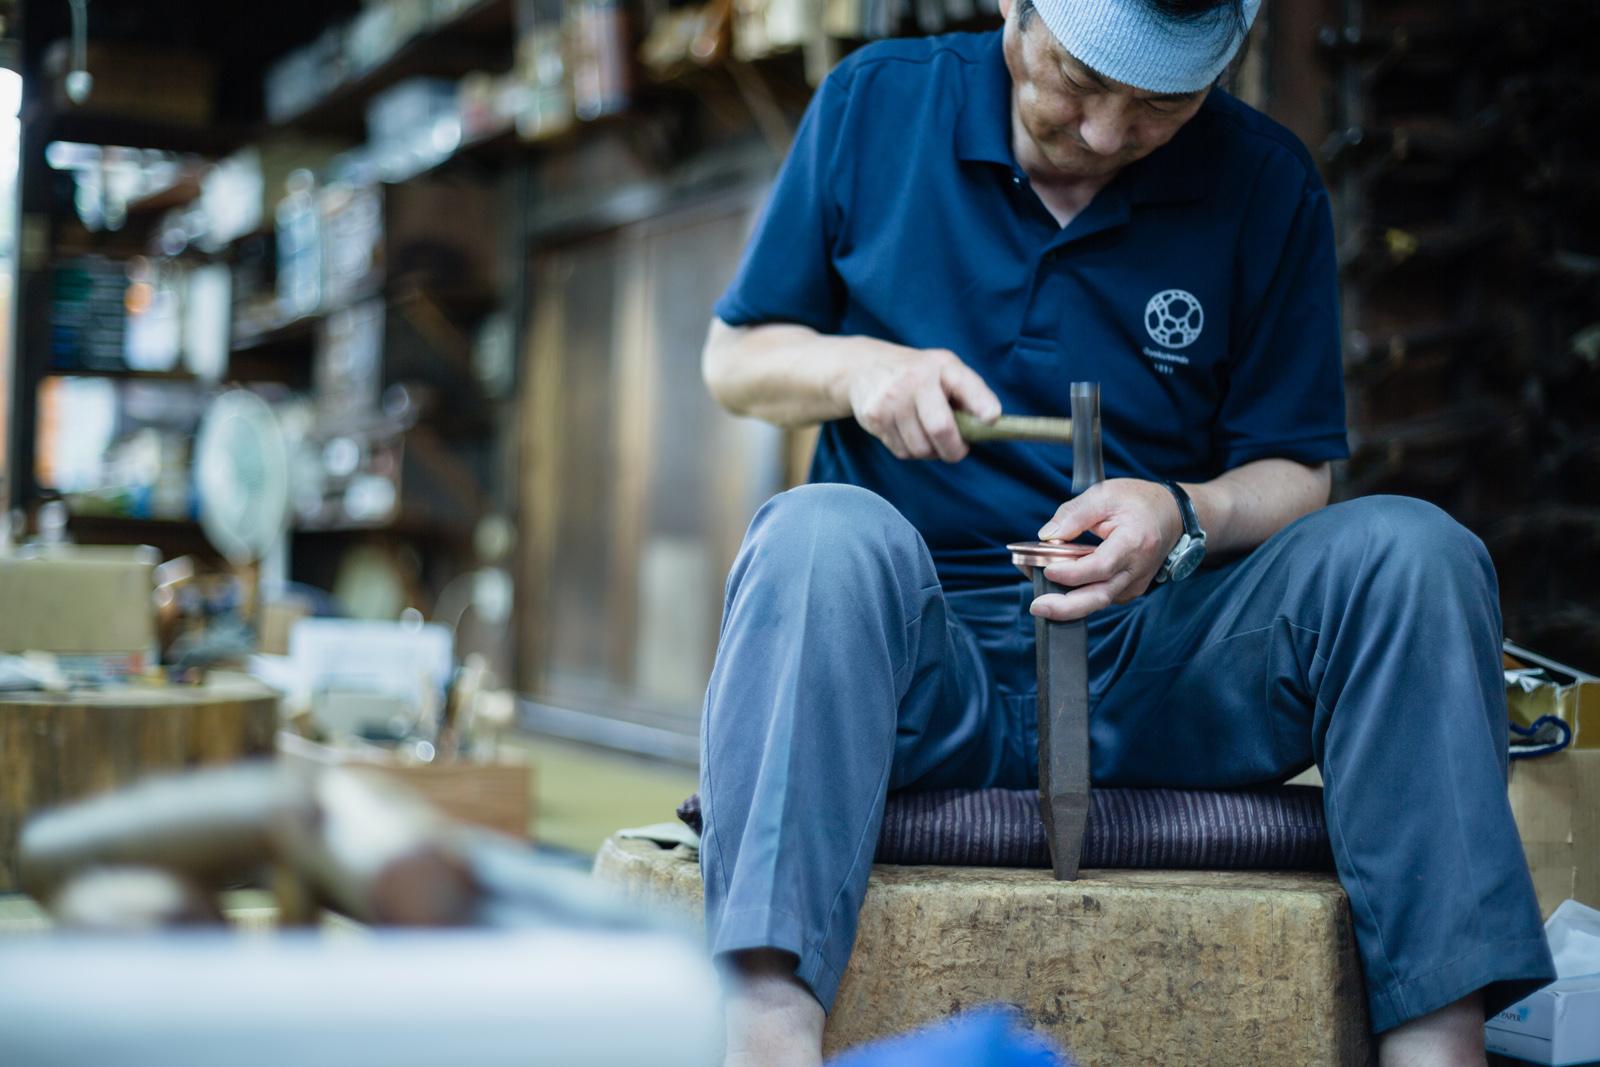 玉川堂さんでは間近でものづくりを見ることができる工房見学を実施している。